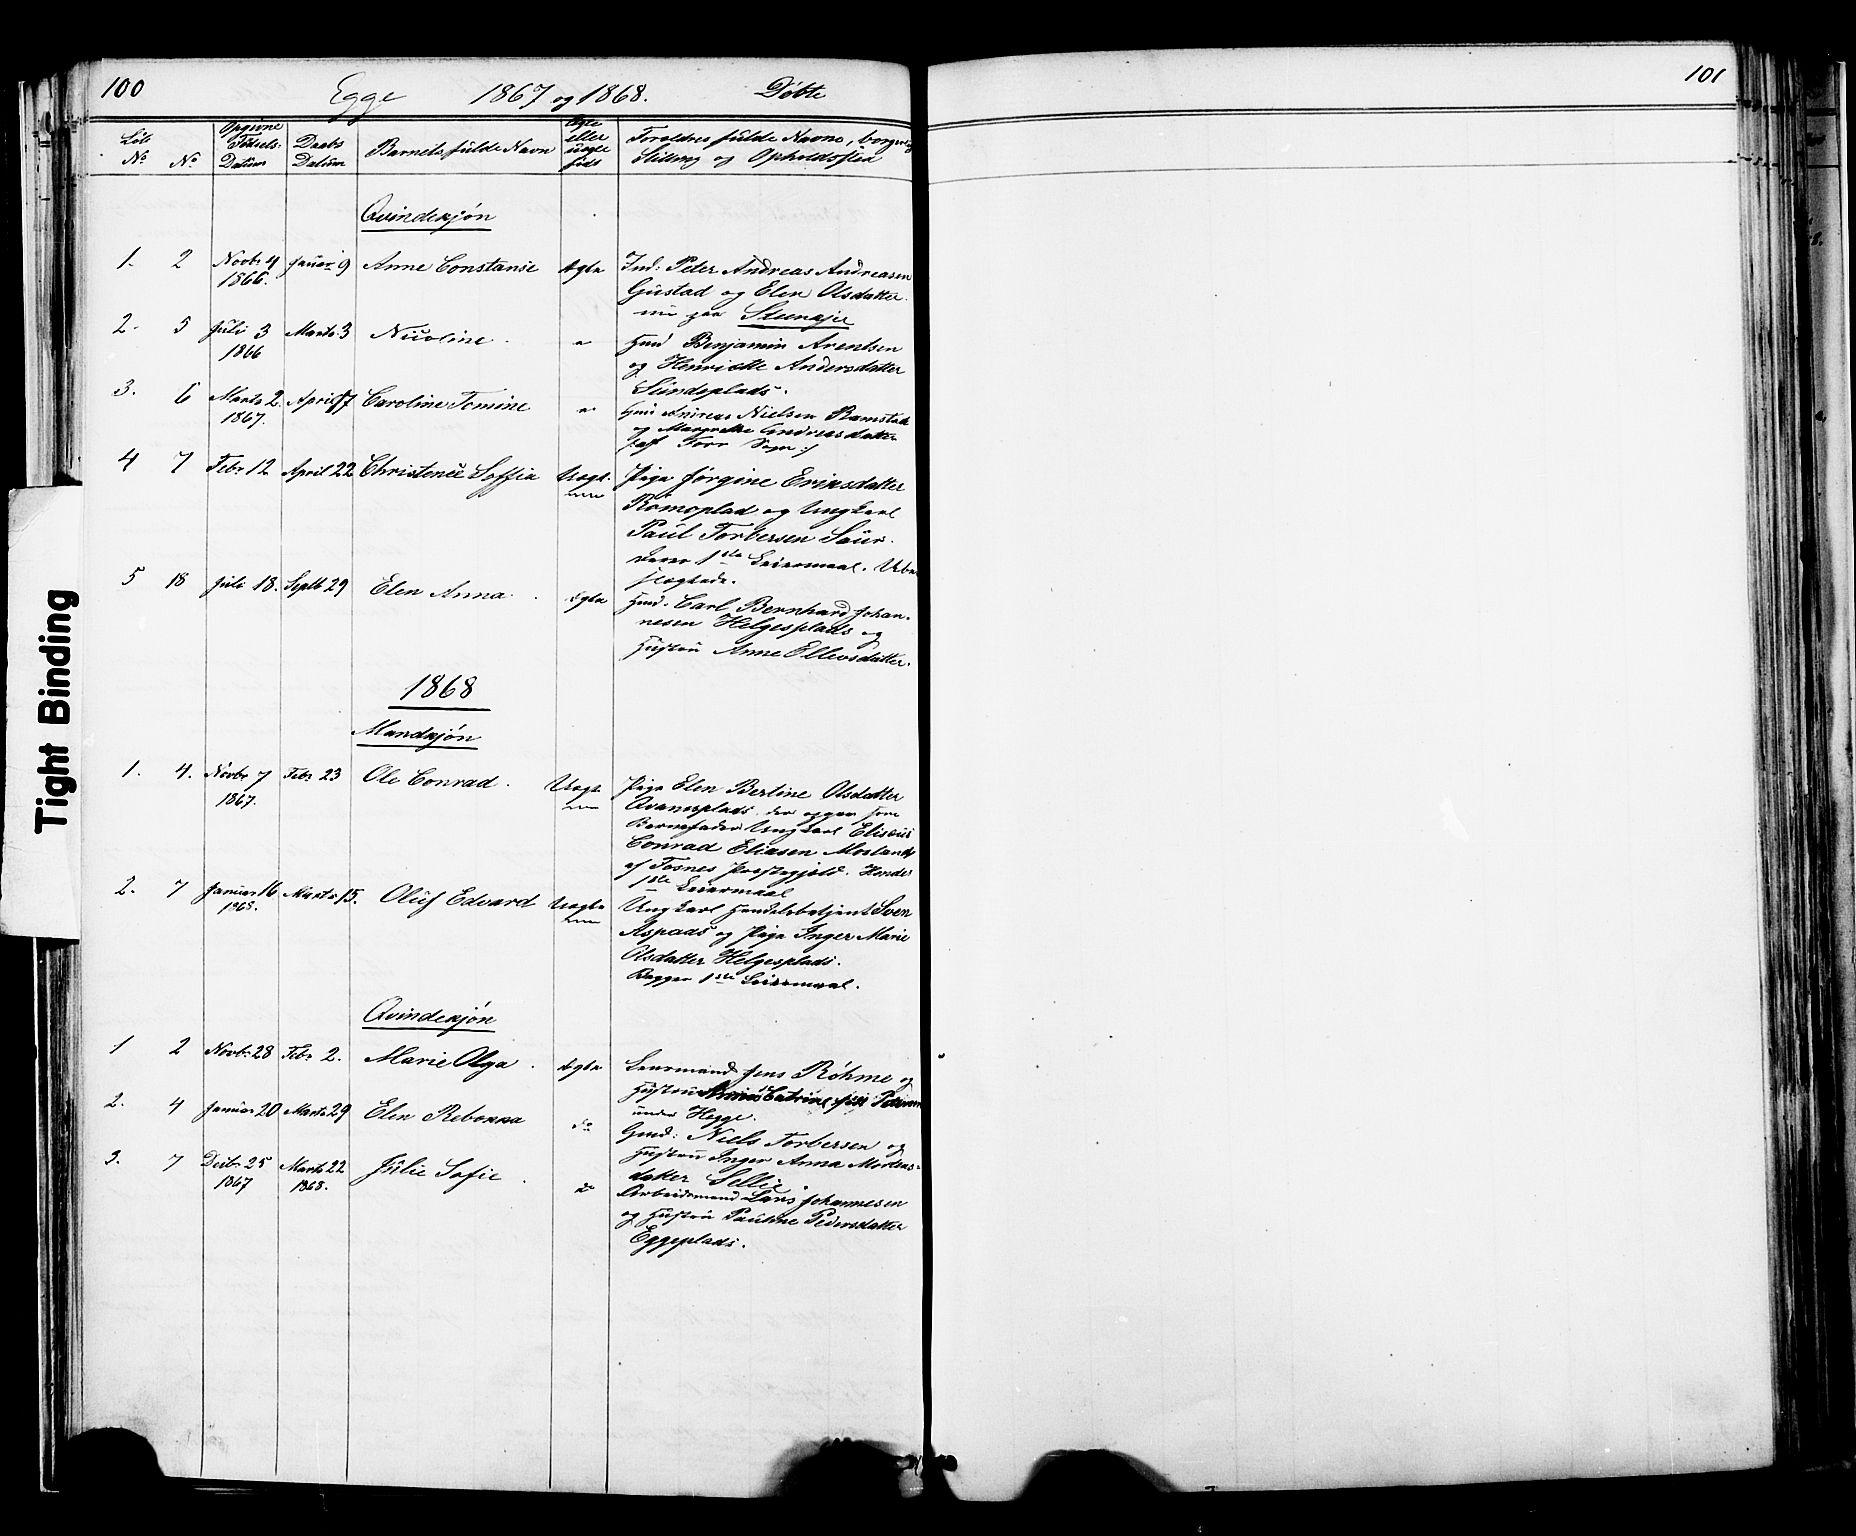 SAT, Ministerialprotokoller, klokkerbøker og fødselsregistre - Nord-Trøndelag, 739/L0367: Ministerialbok nr. 739A01 /3, 1838-1868, s. 100-101